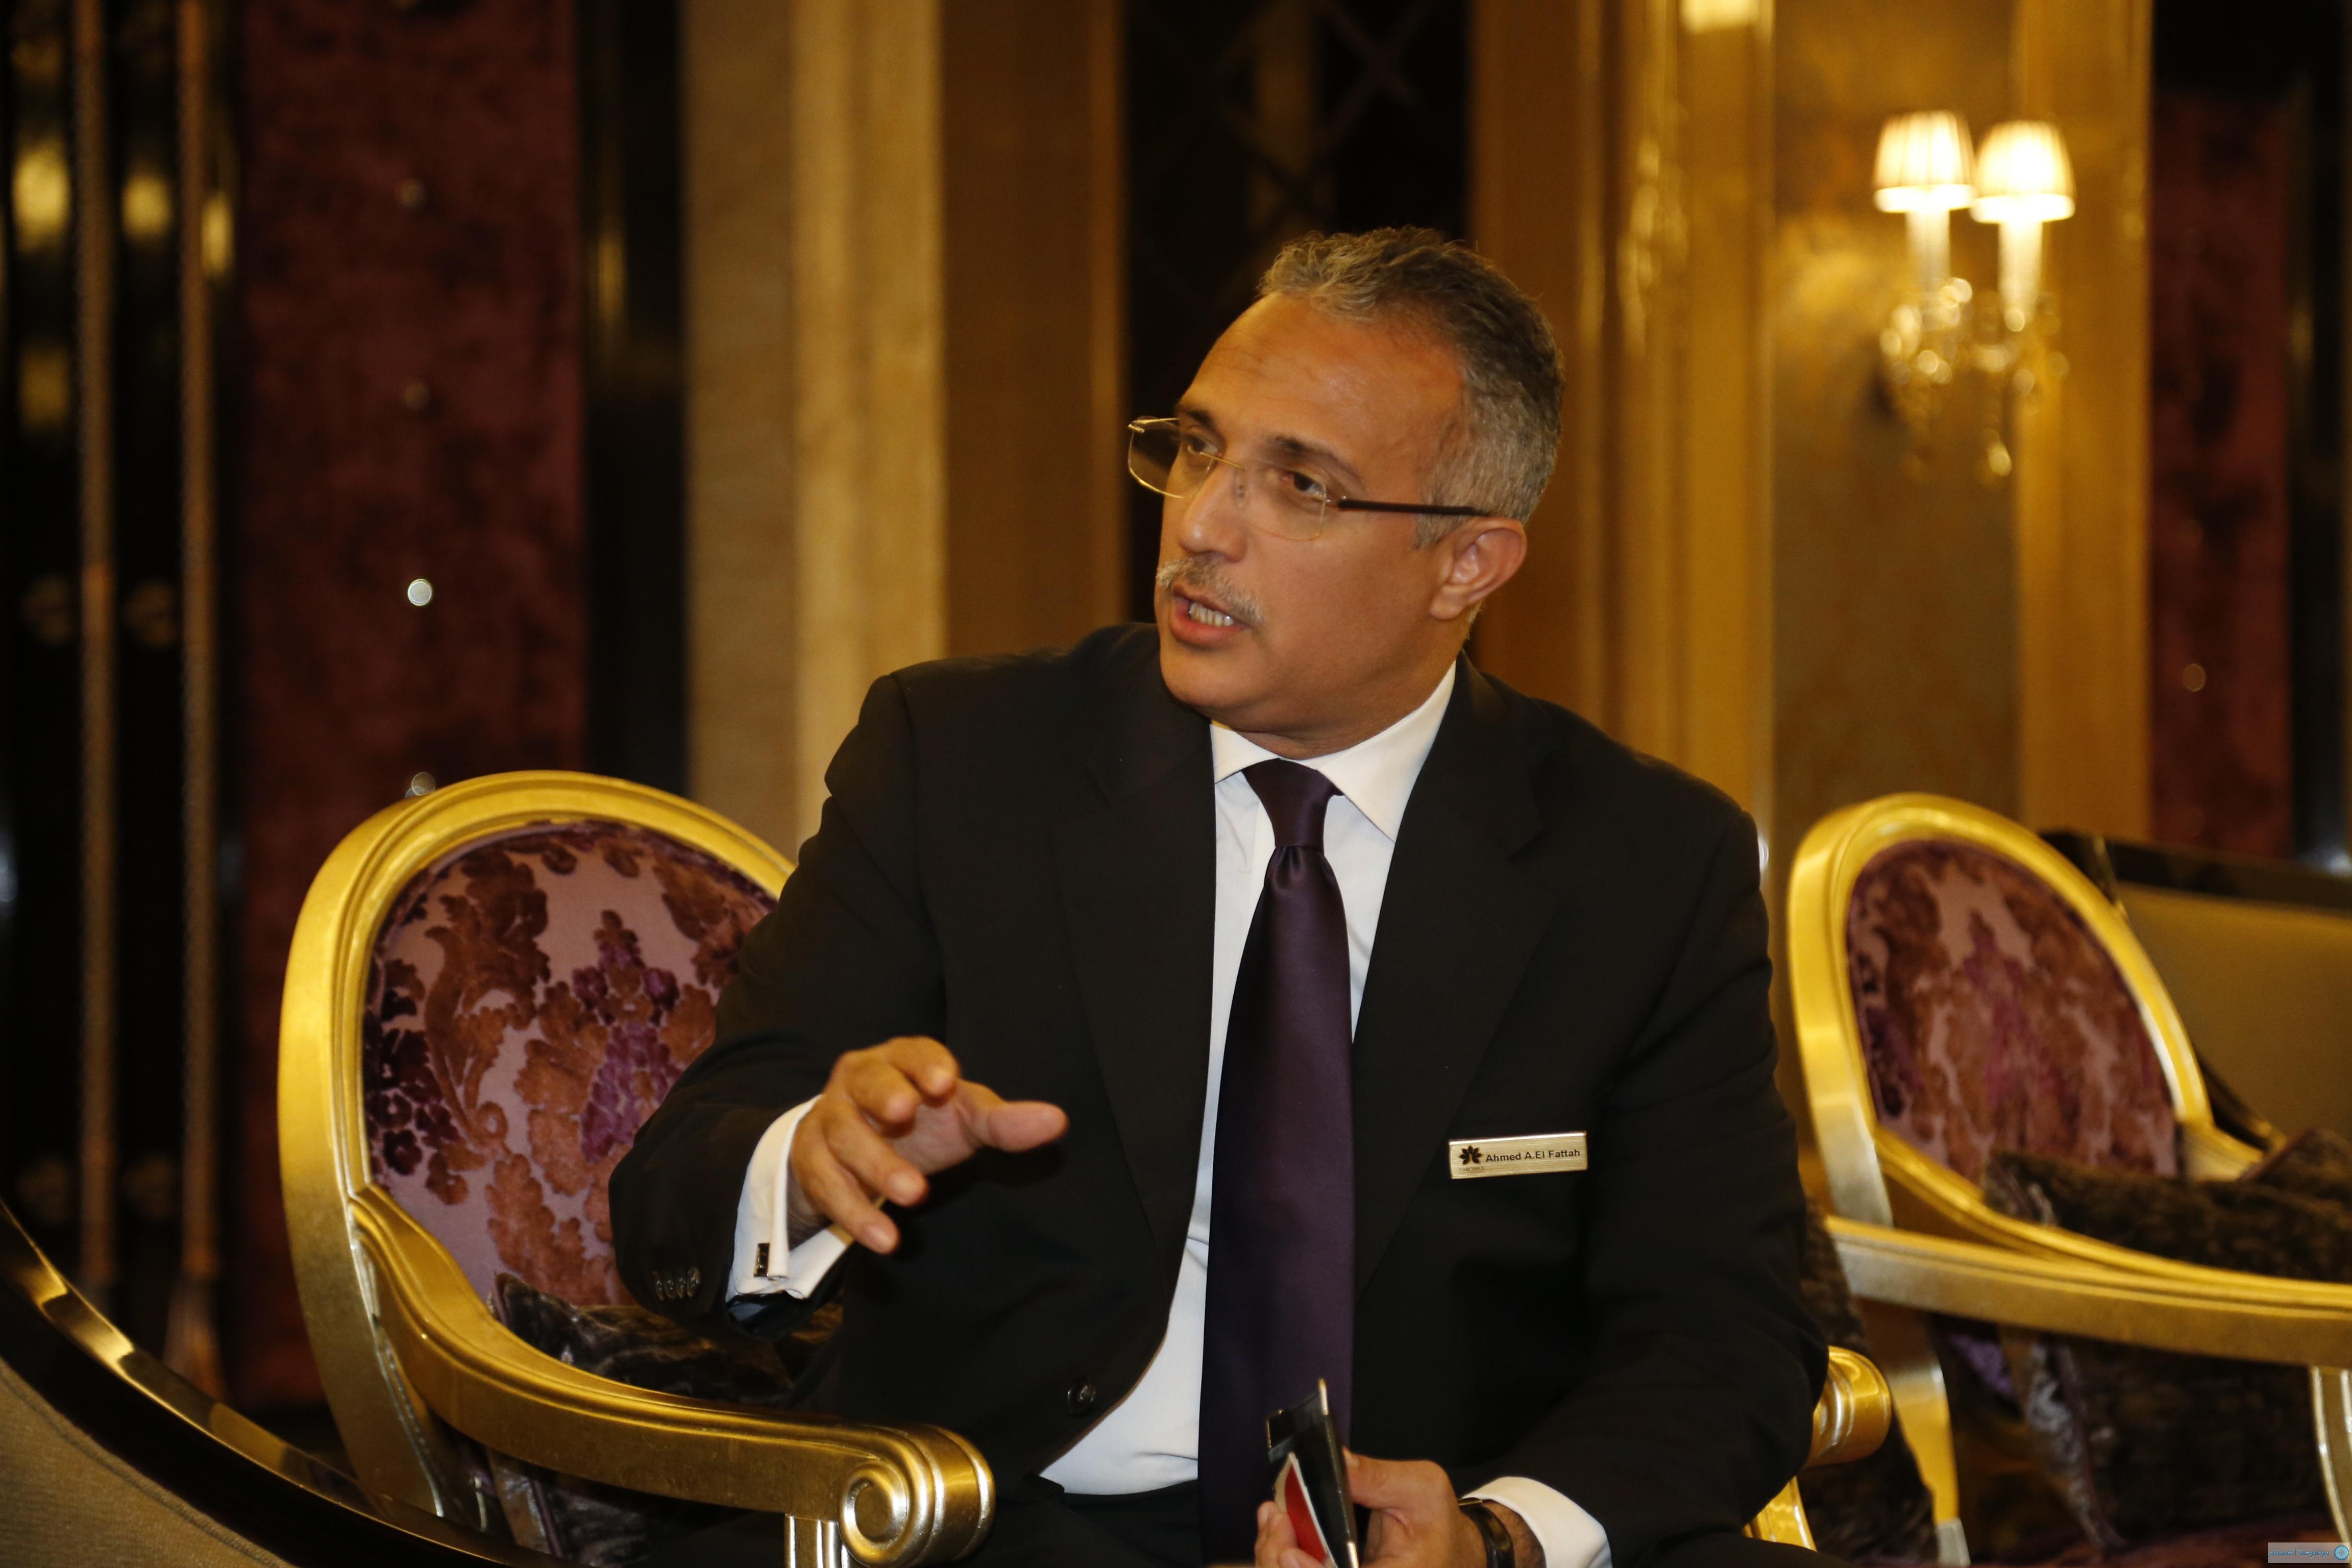 السيد أحمد عبدالفتاح مدير عام فندق نارسيس الرياض